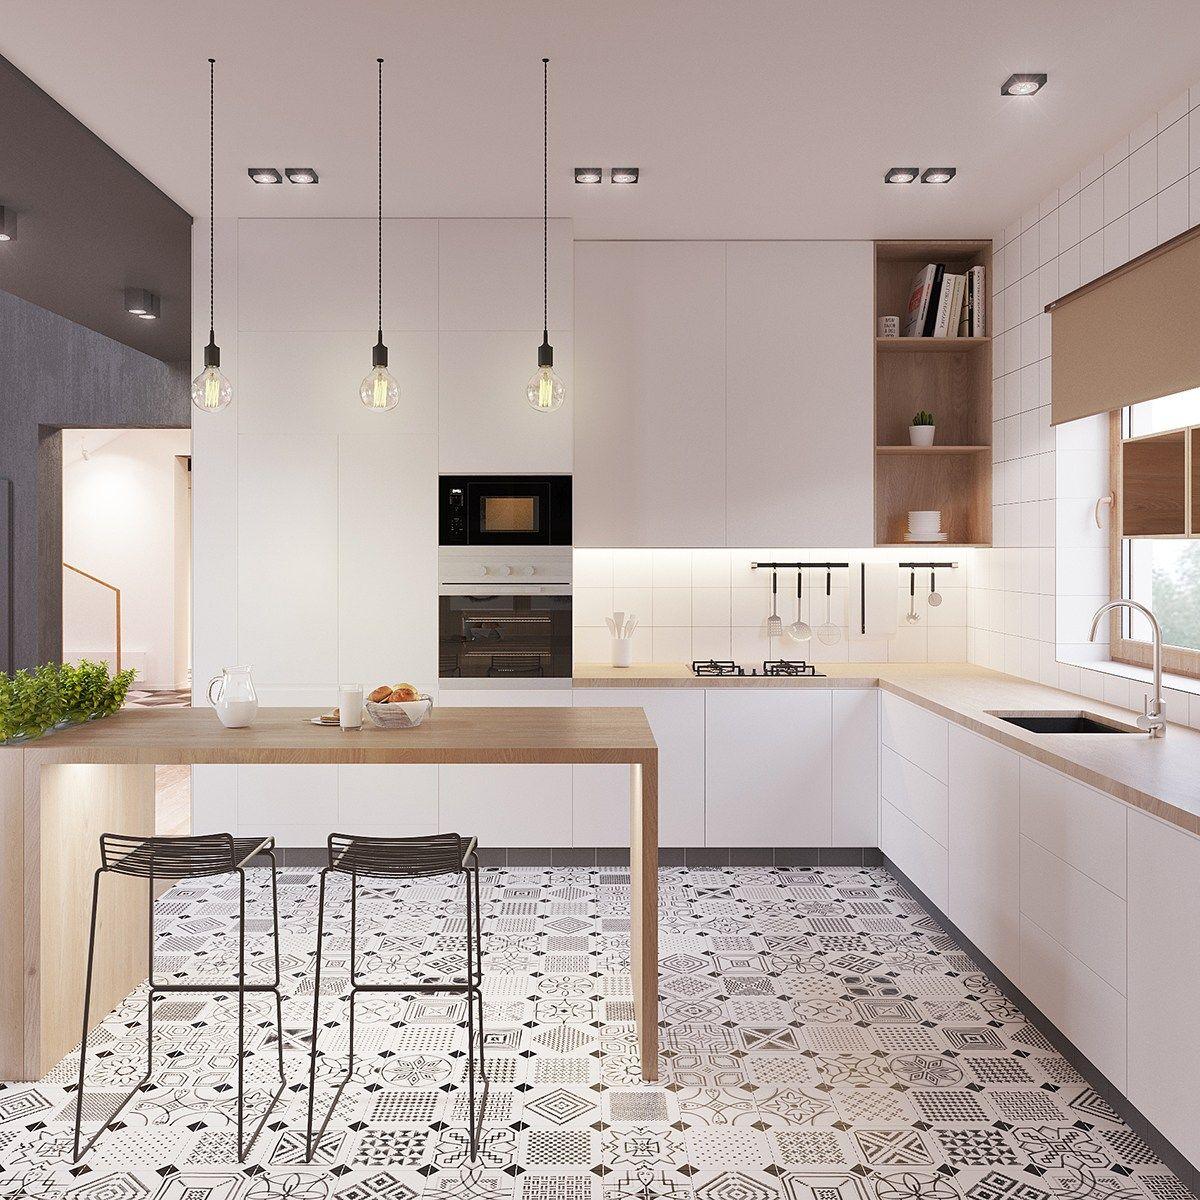 cuisine blanche plan de travail bois, facade cuisine blanche, petit bar en bois et tabourets metalliques, sol carrelage mosaique noir et blanc